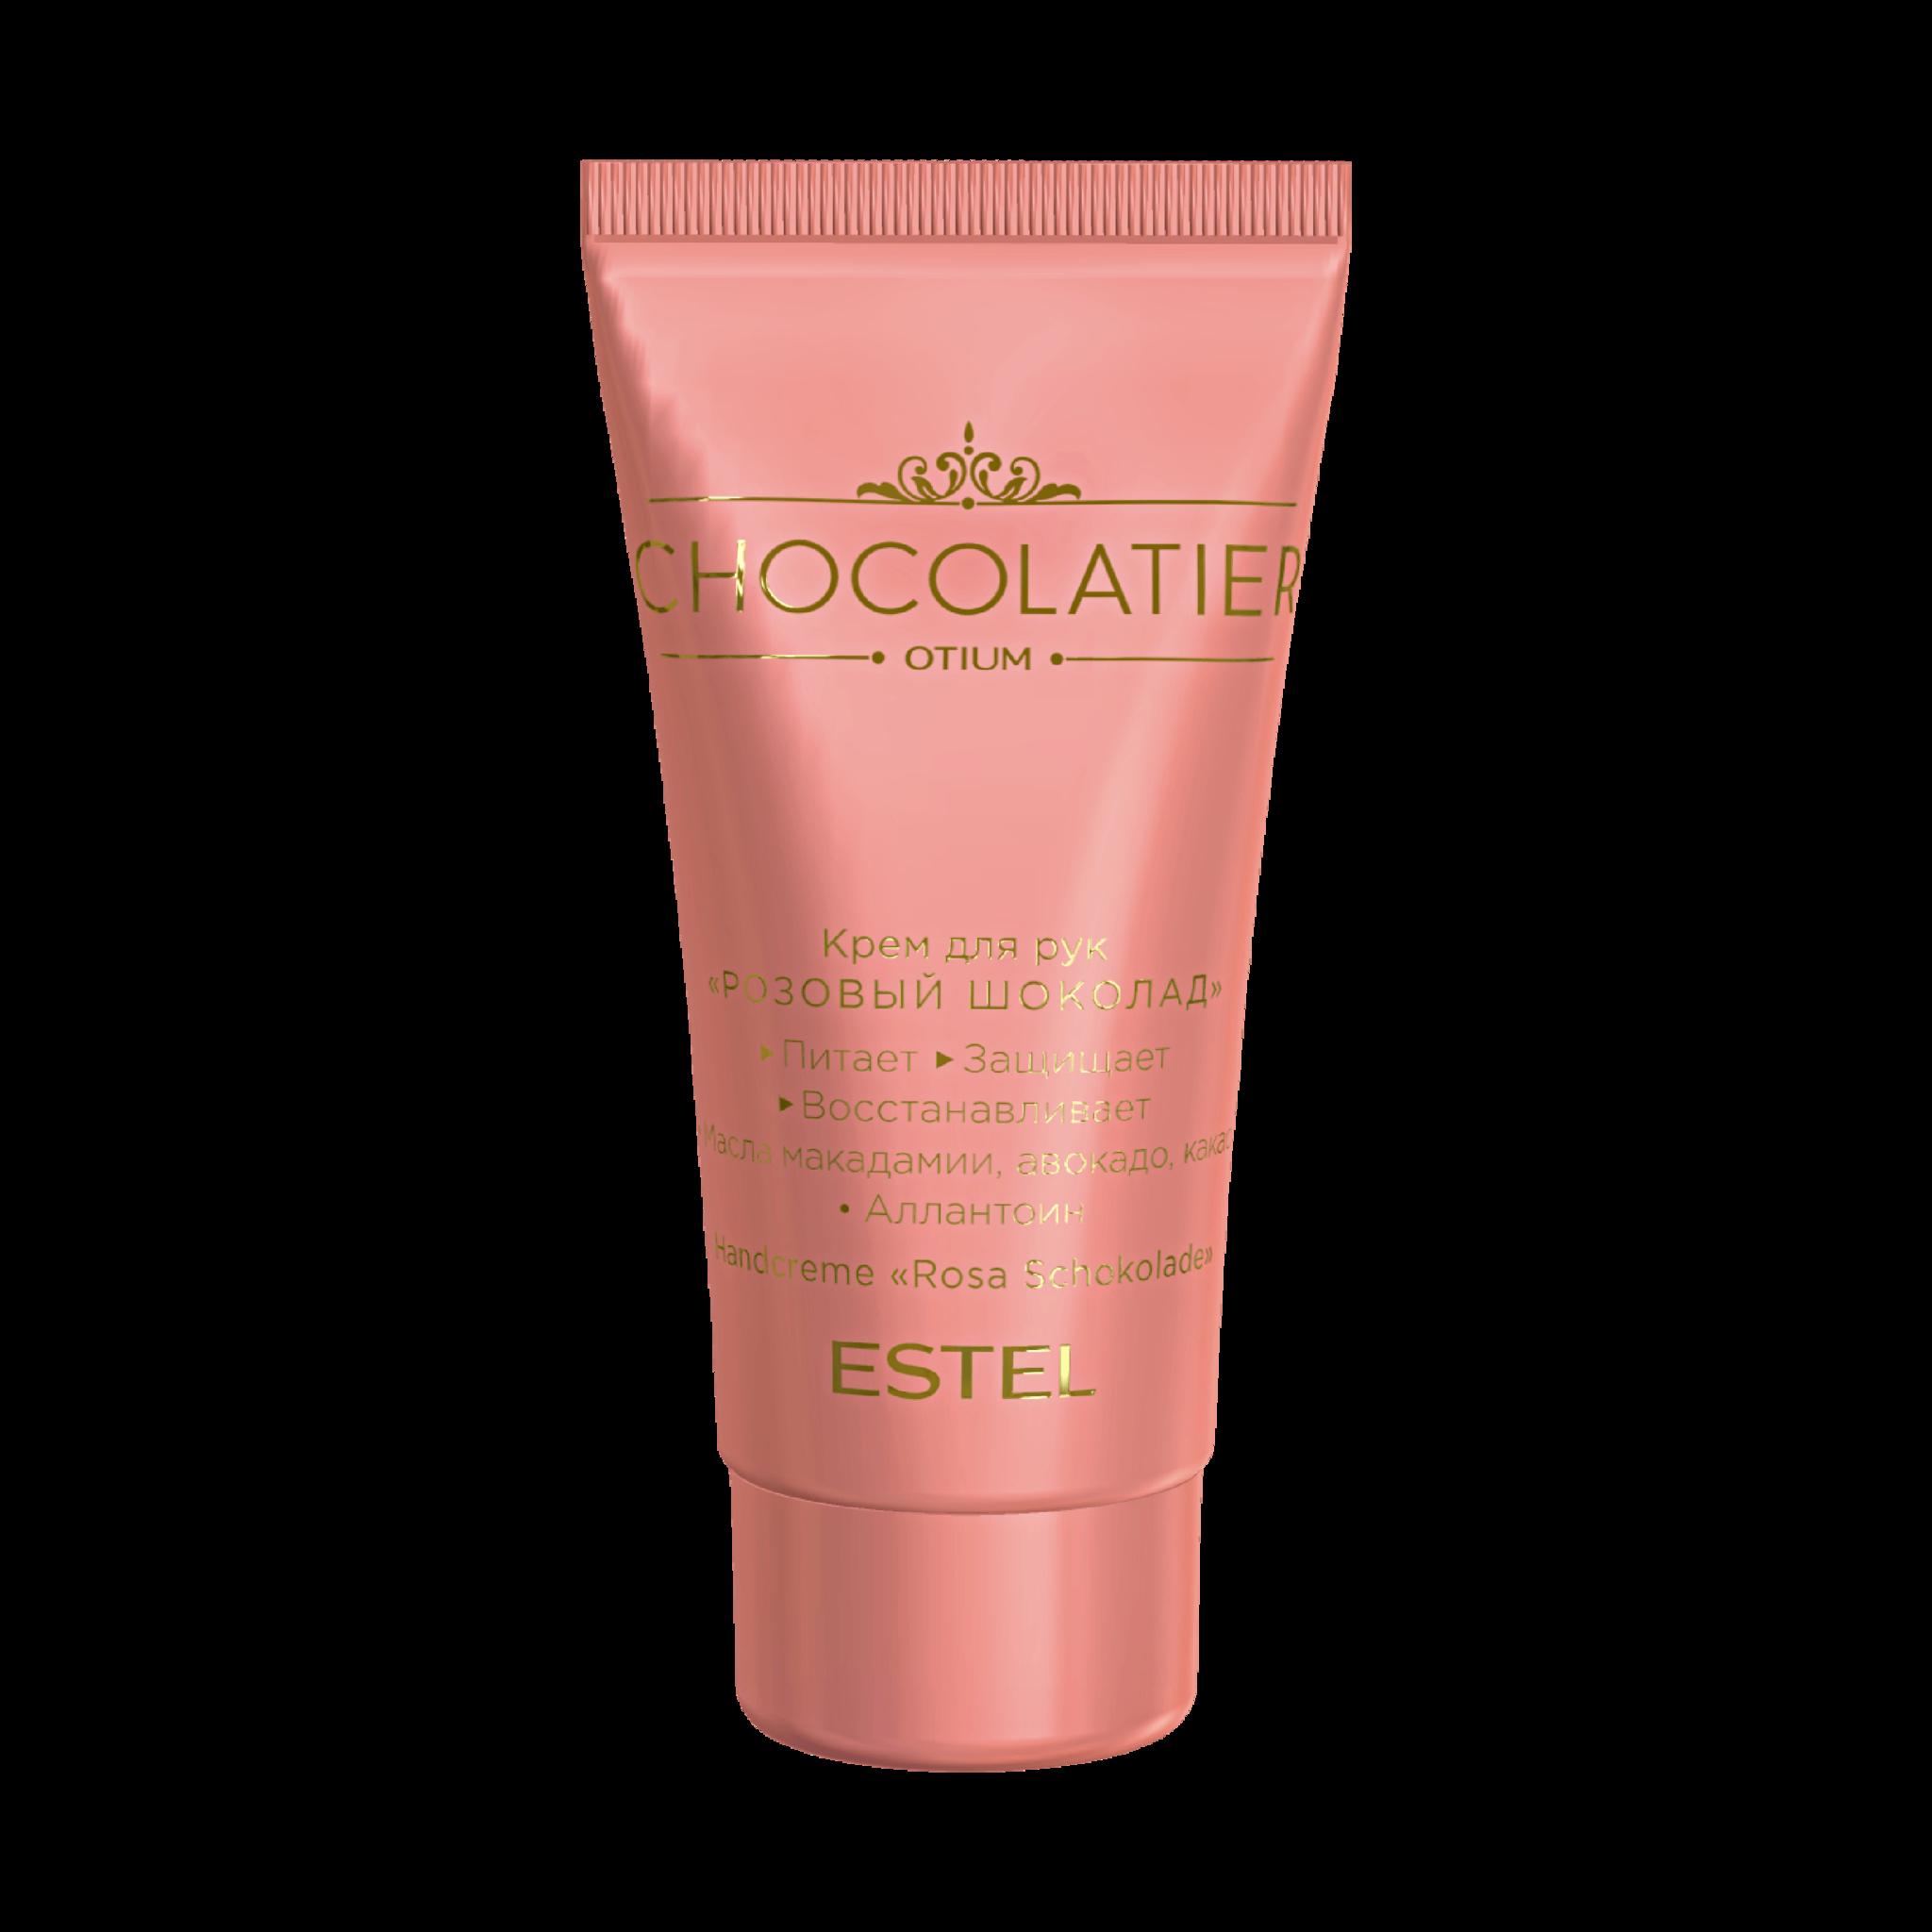 """Крем для рук """"Розовый шоколад"""" OTIUM CHOCOLATIER, 50 мл"""